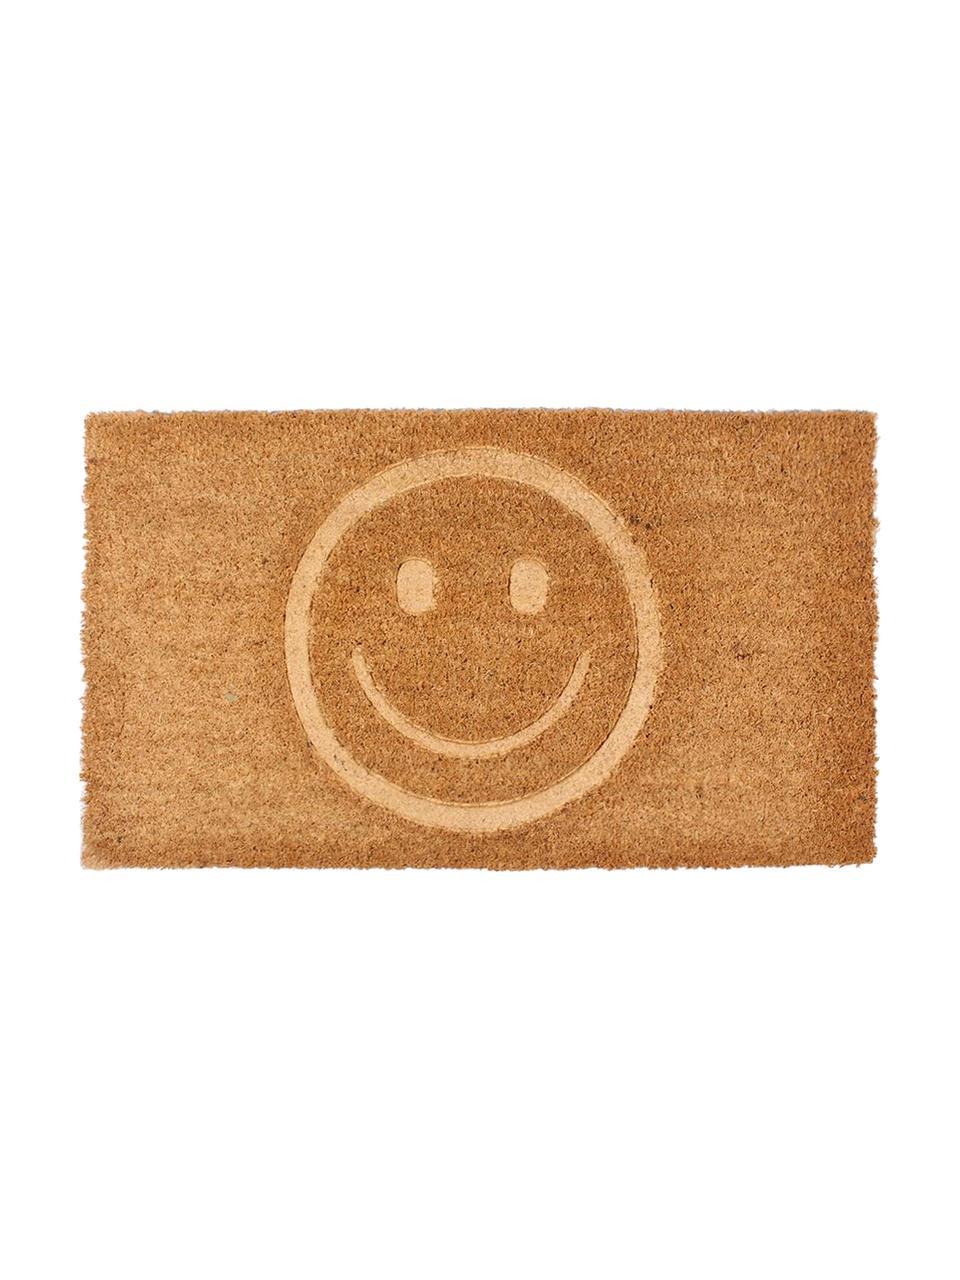 Fußmatte Smile, Oberseite: Kokosfaser, Unterseite: PVC, Braun, 40 x 70 cm